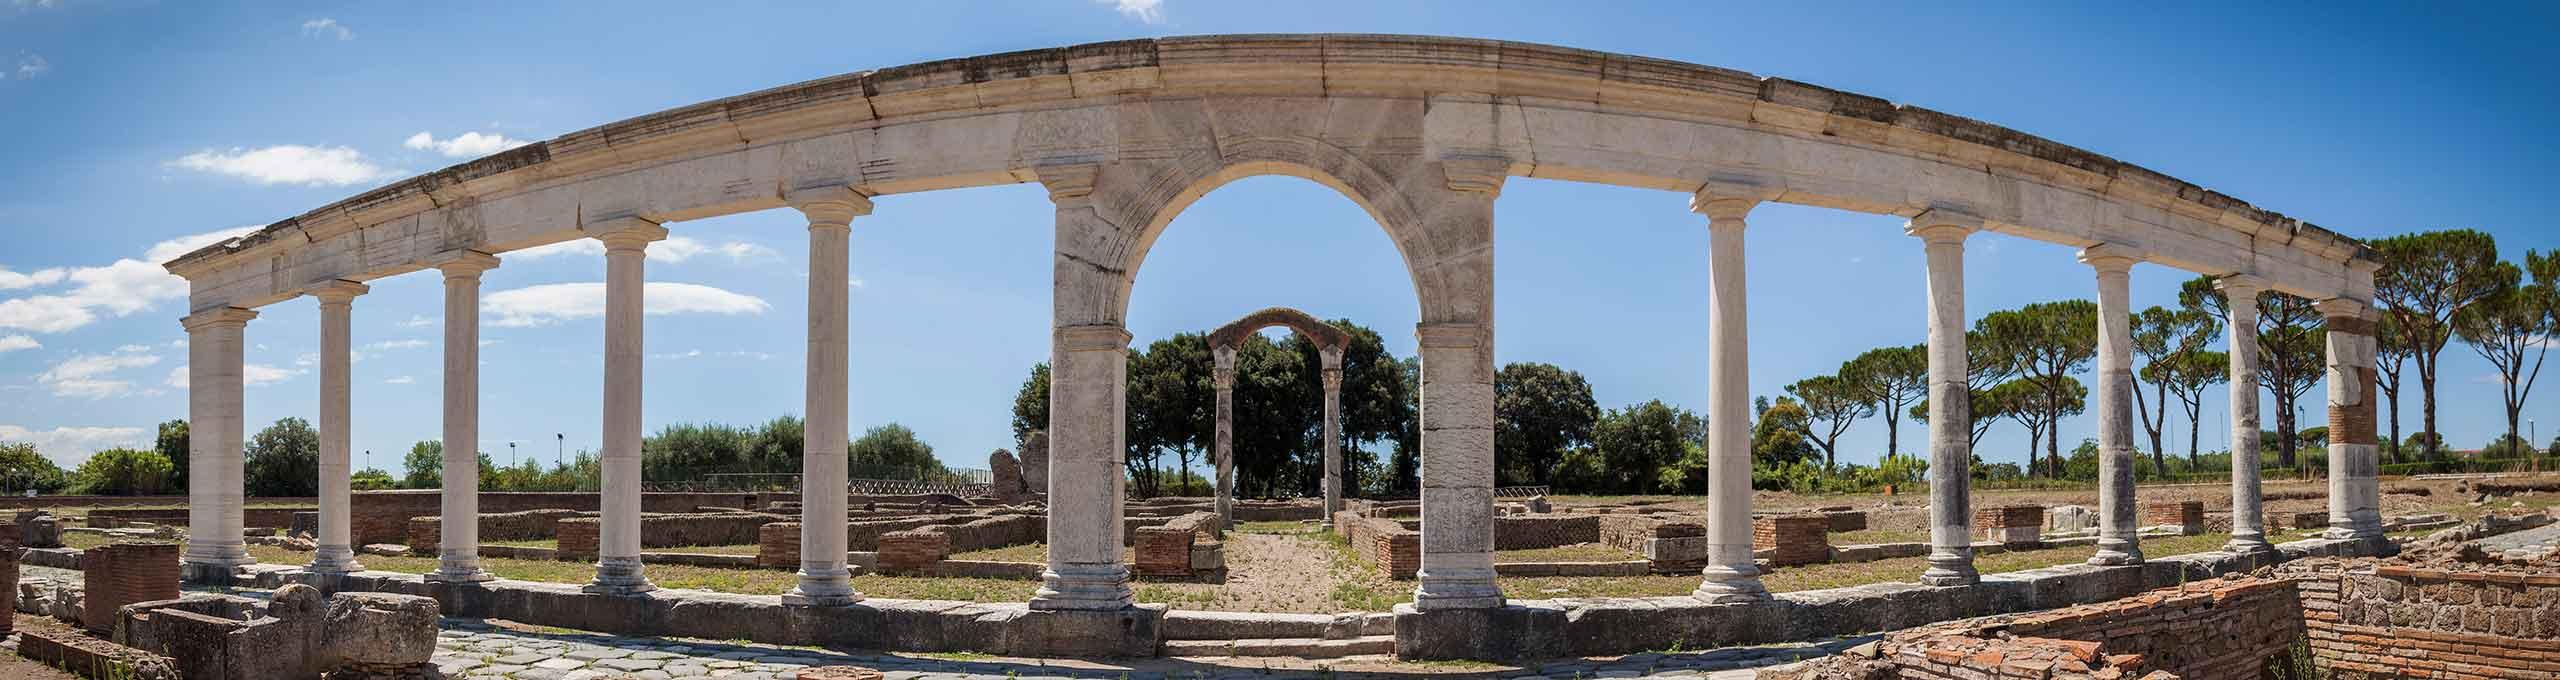 Minturno, Latina, rovine romane